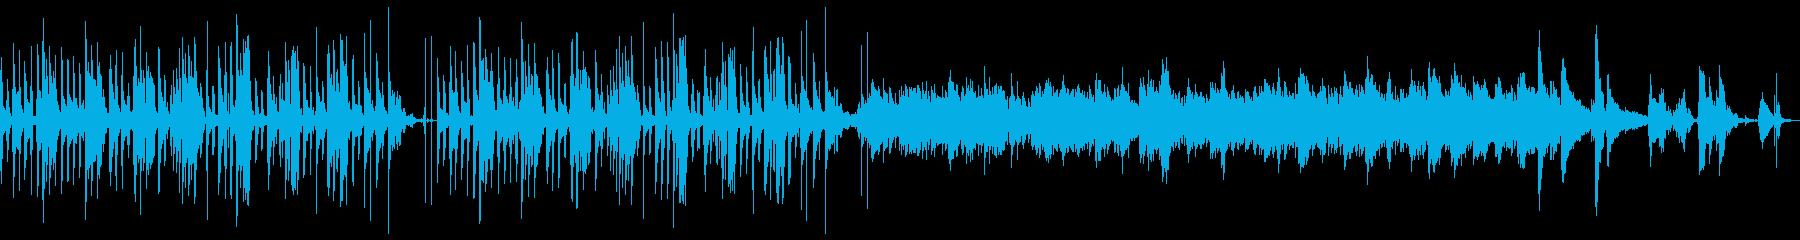 ワールド 民族 カントリー 民謡 ...の再生済みの波形